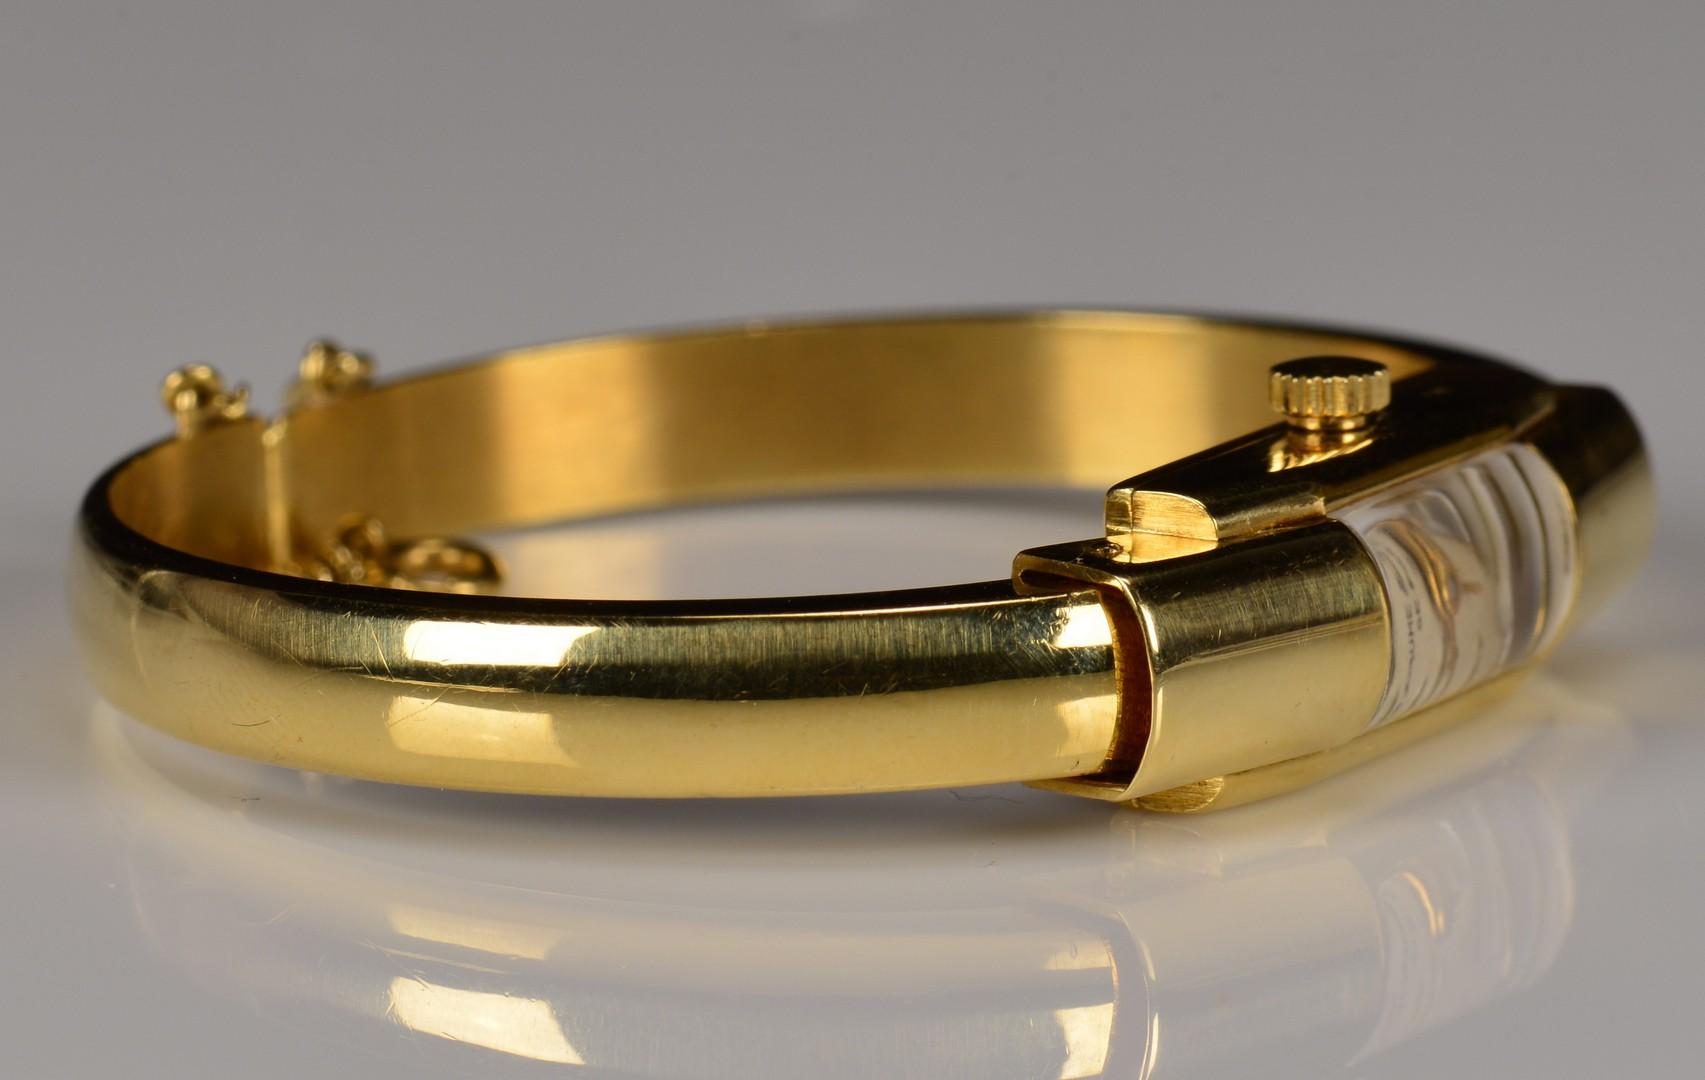 Lot 356: 18K Baum Mercier Cuff Bracelet Watch